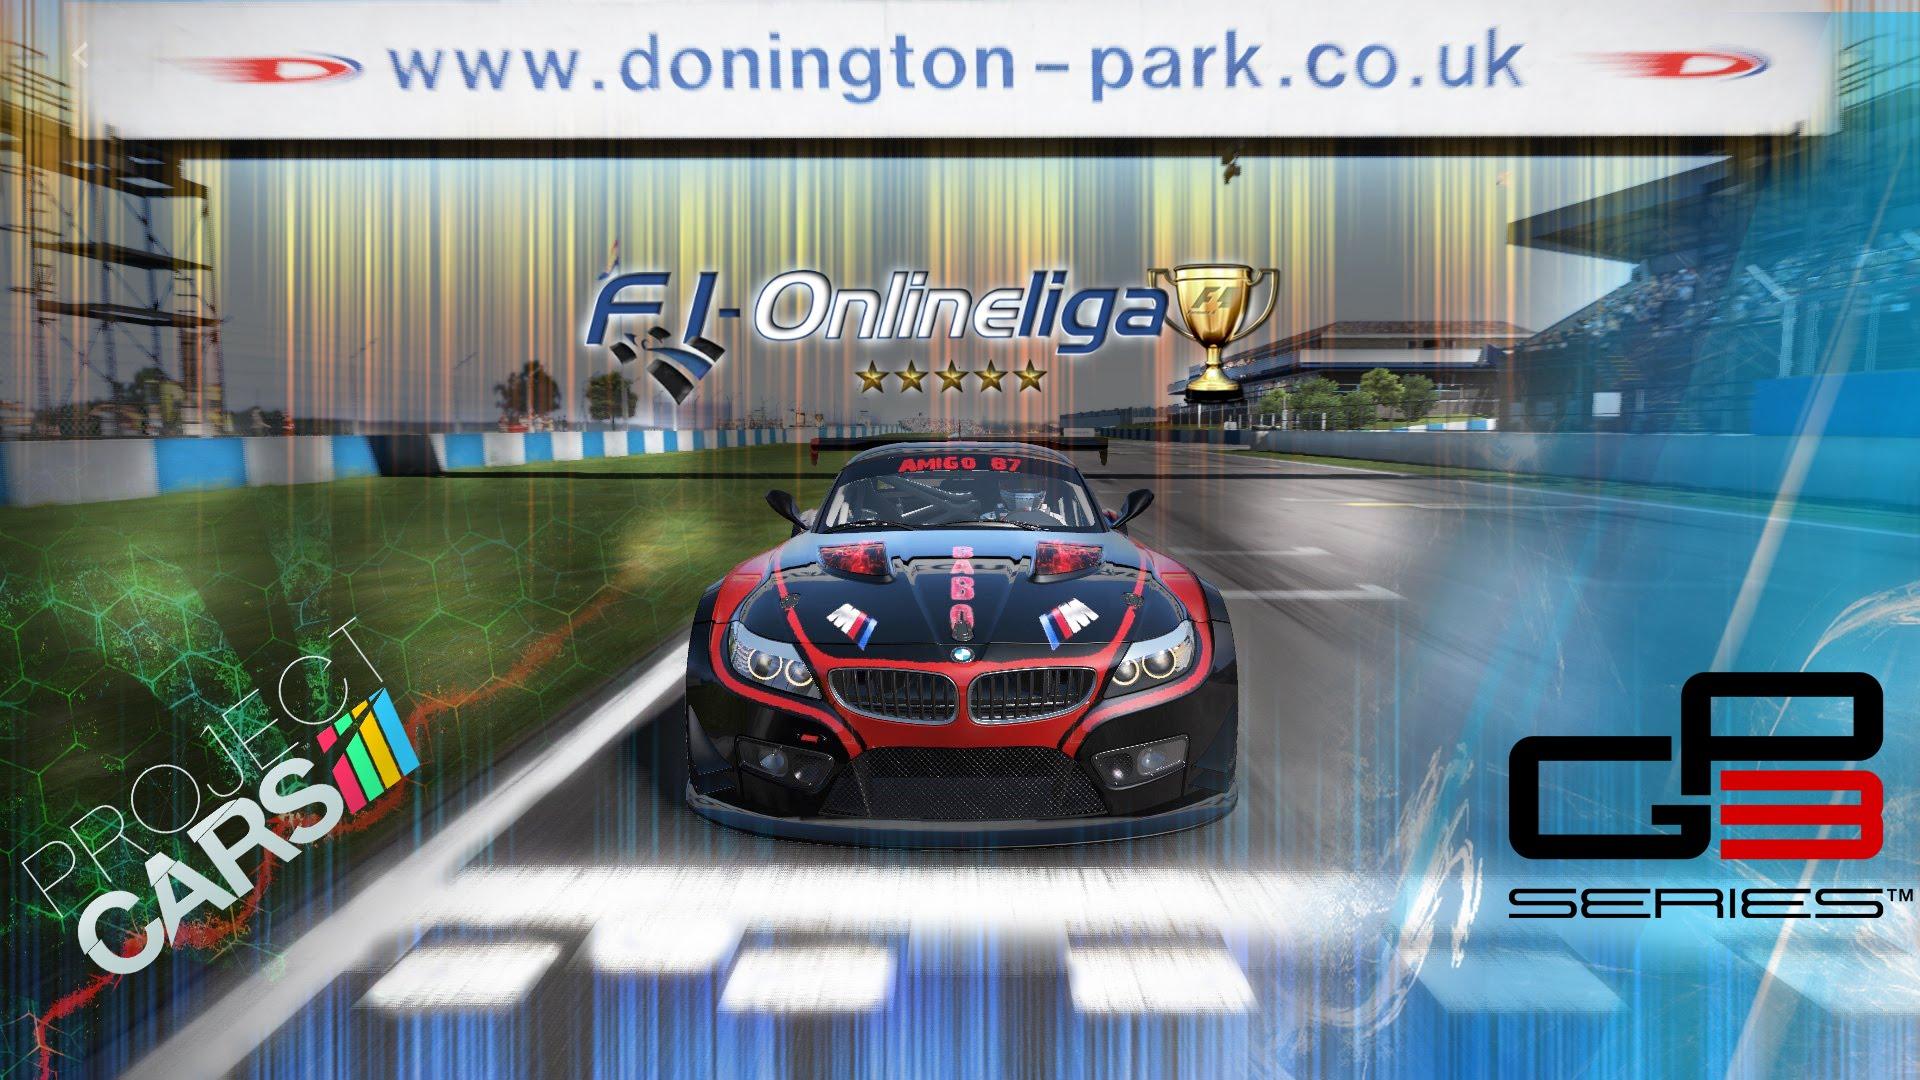 Project Cars | Donington Park GP 1:25,607 GT3 BMW Z4